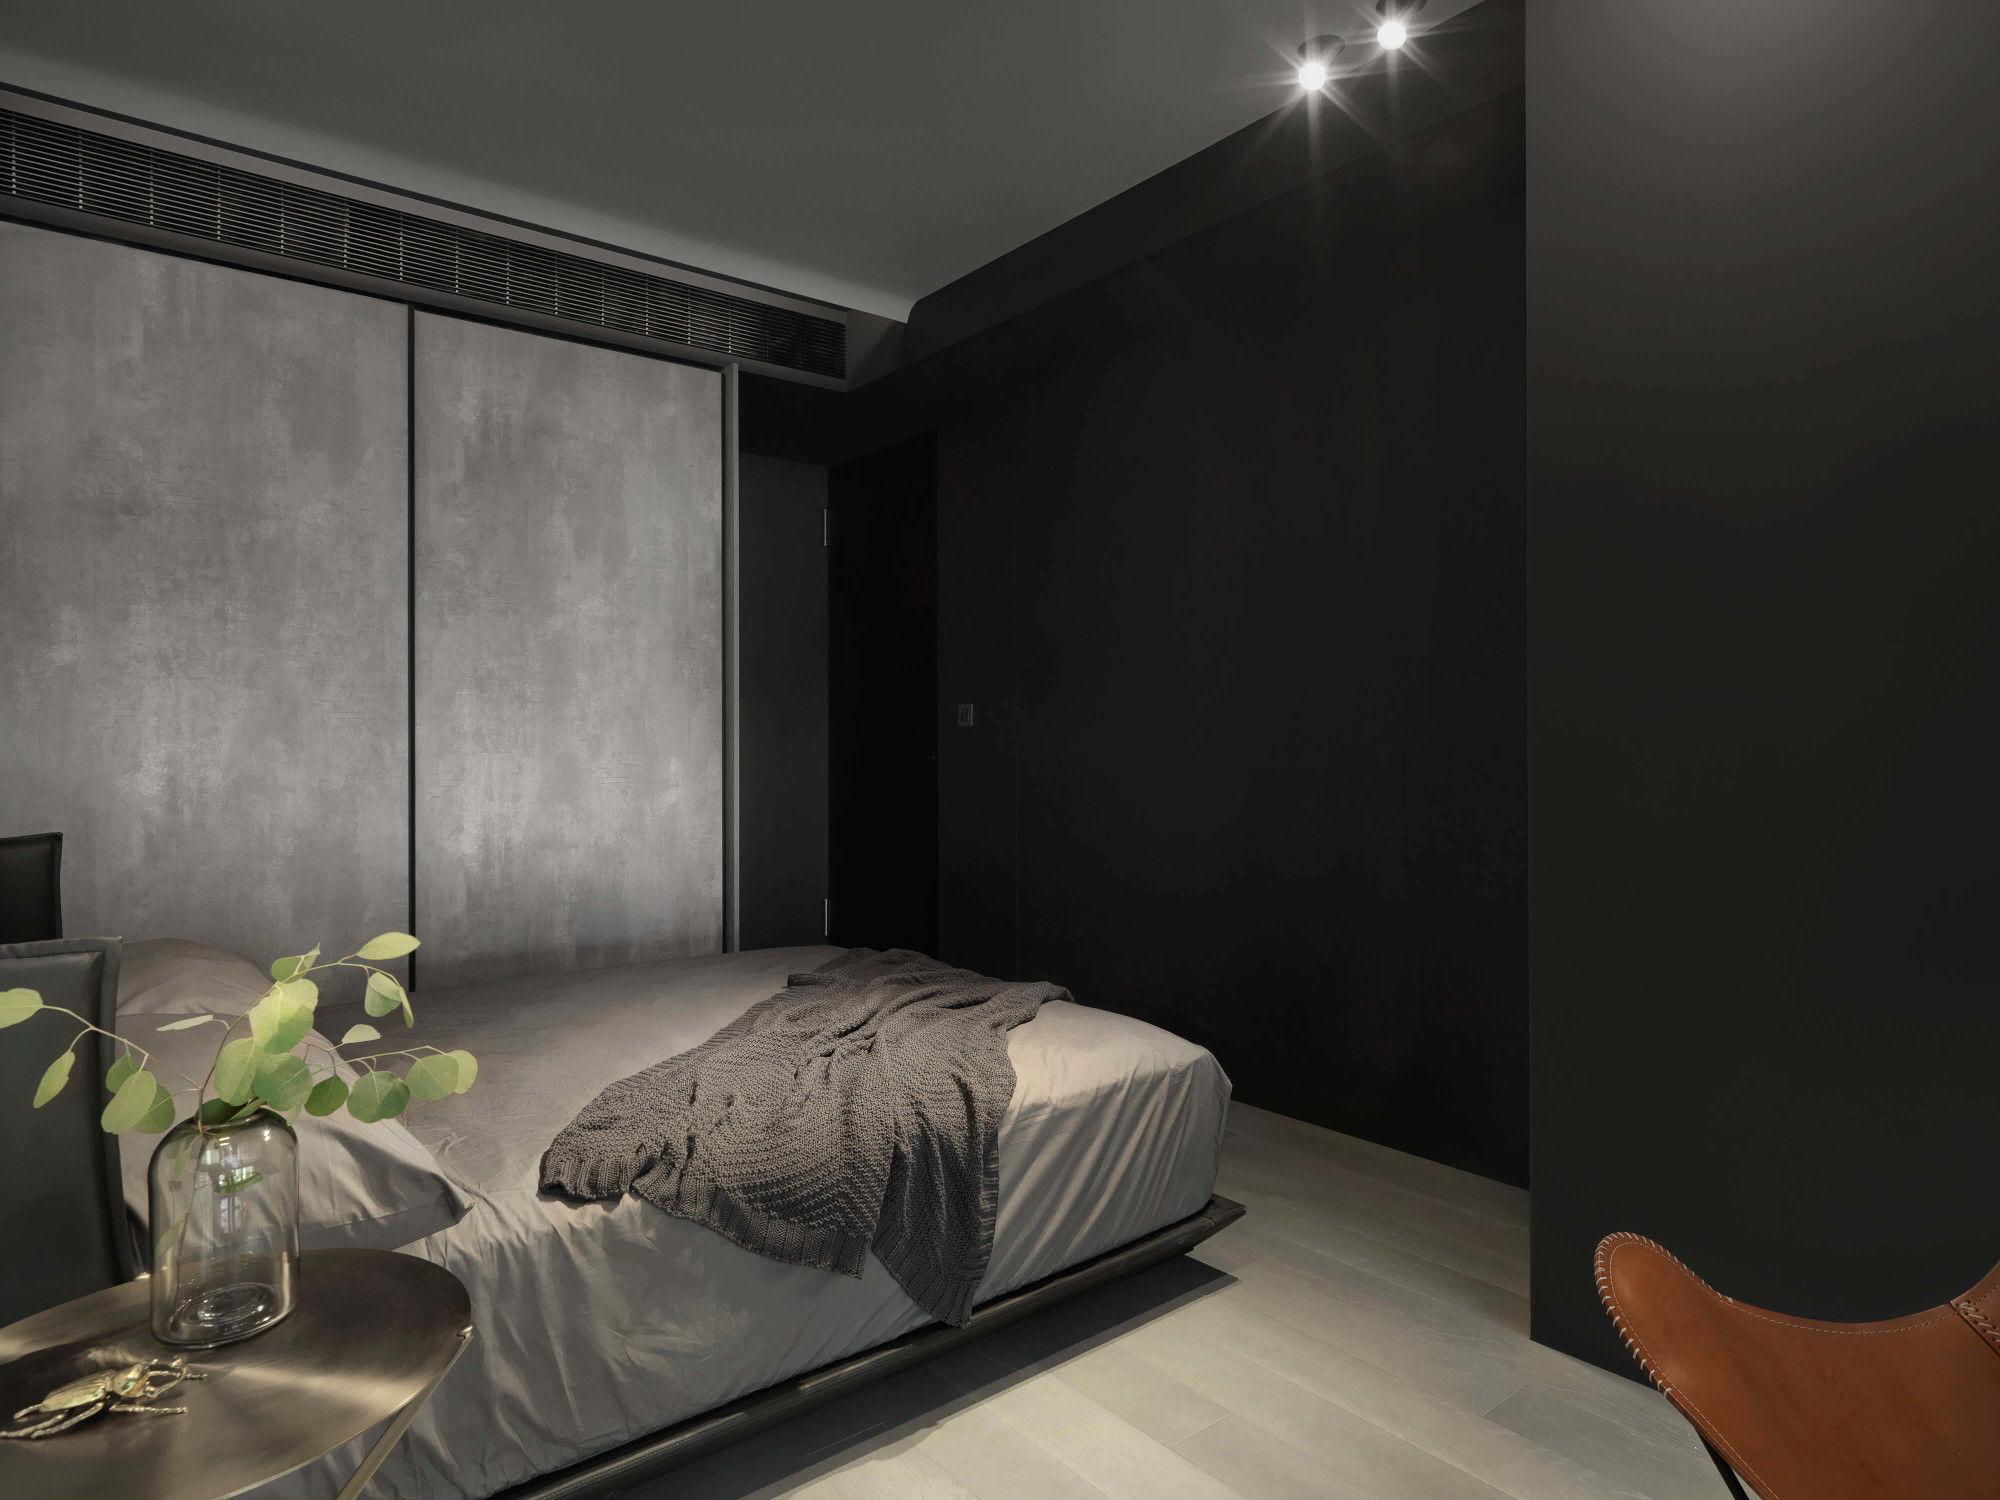 台中分子設計-現代風設計師-台中七期室內設計-電梯大樓整體規劃-臥室設計、FENIX